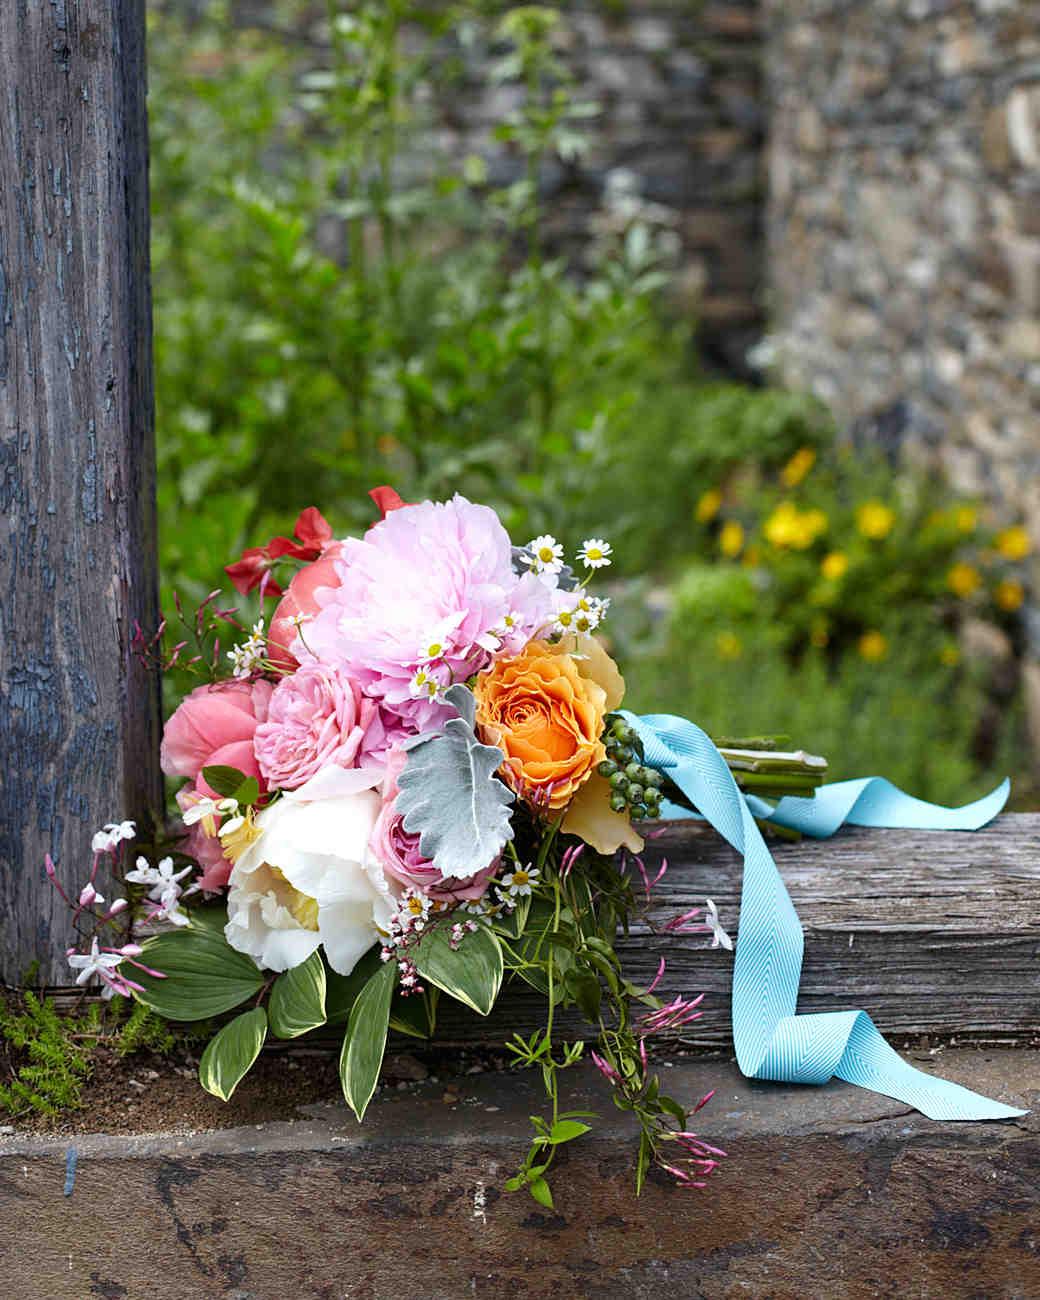 leanna-matt-wedding-bouquet-0041-s111371-0615.jpg